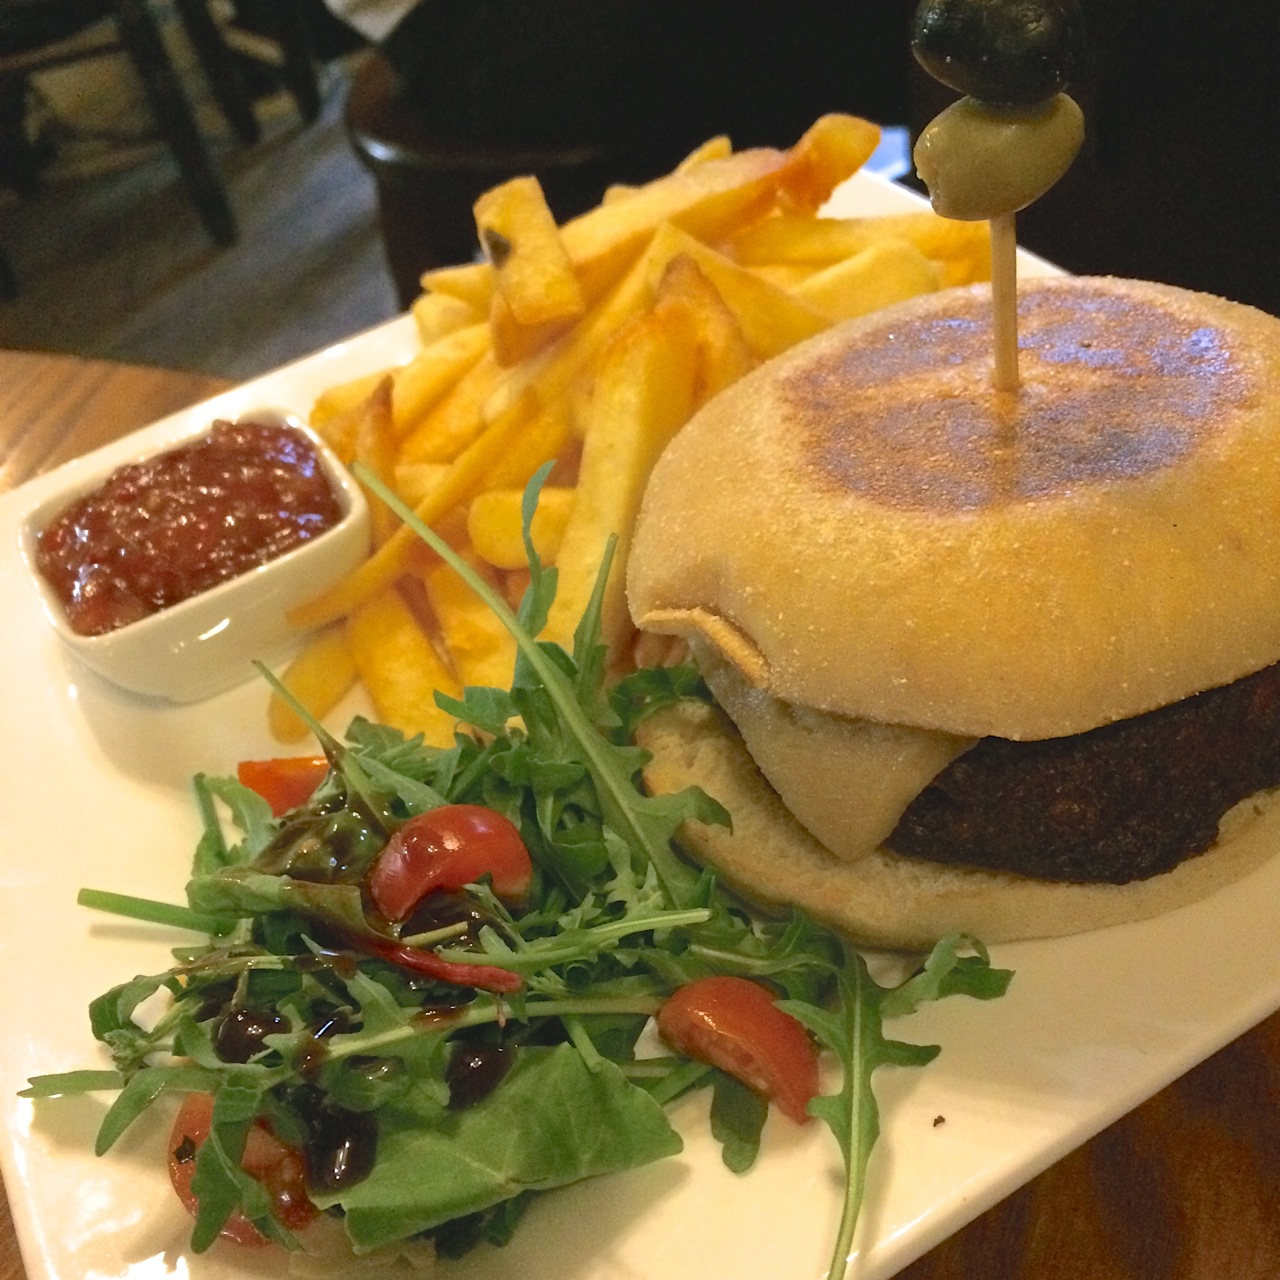 https://i1.wp.com/fatgayvegan.com/wp-content/uploads/2015/08/Burger-and-chips-vegan.jpg?fit=1280%2C1280&ssl=1